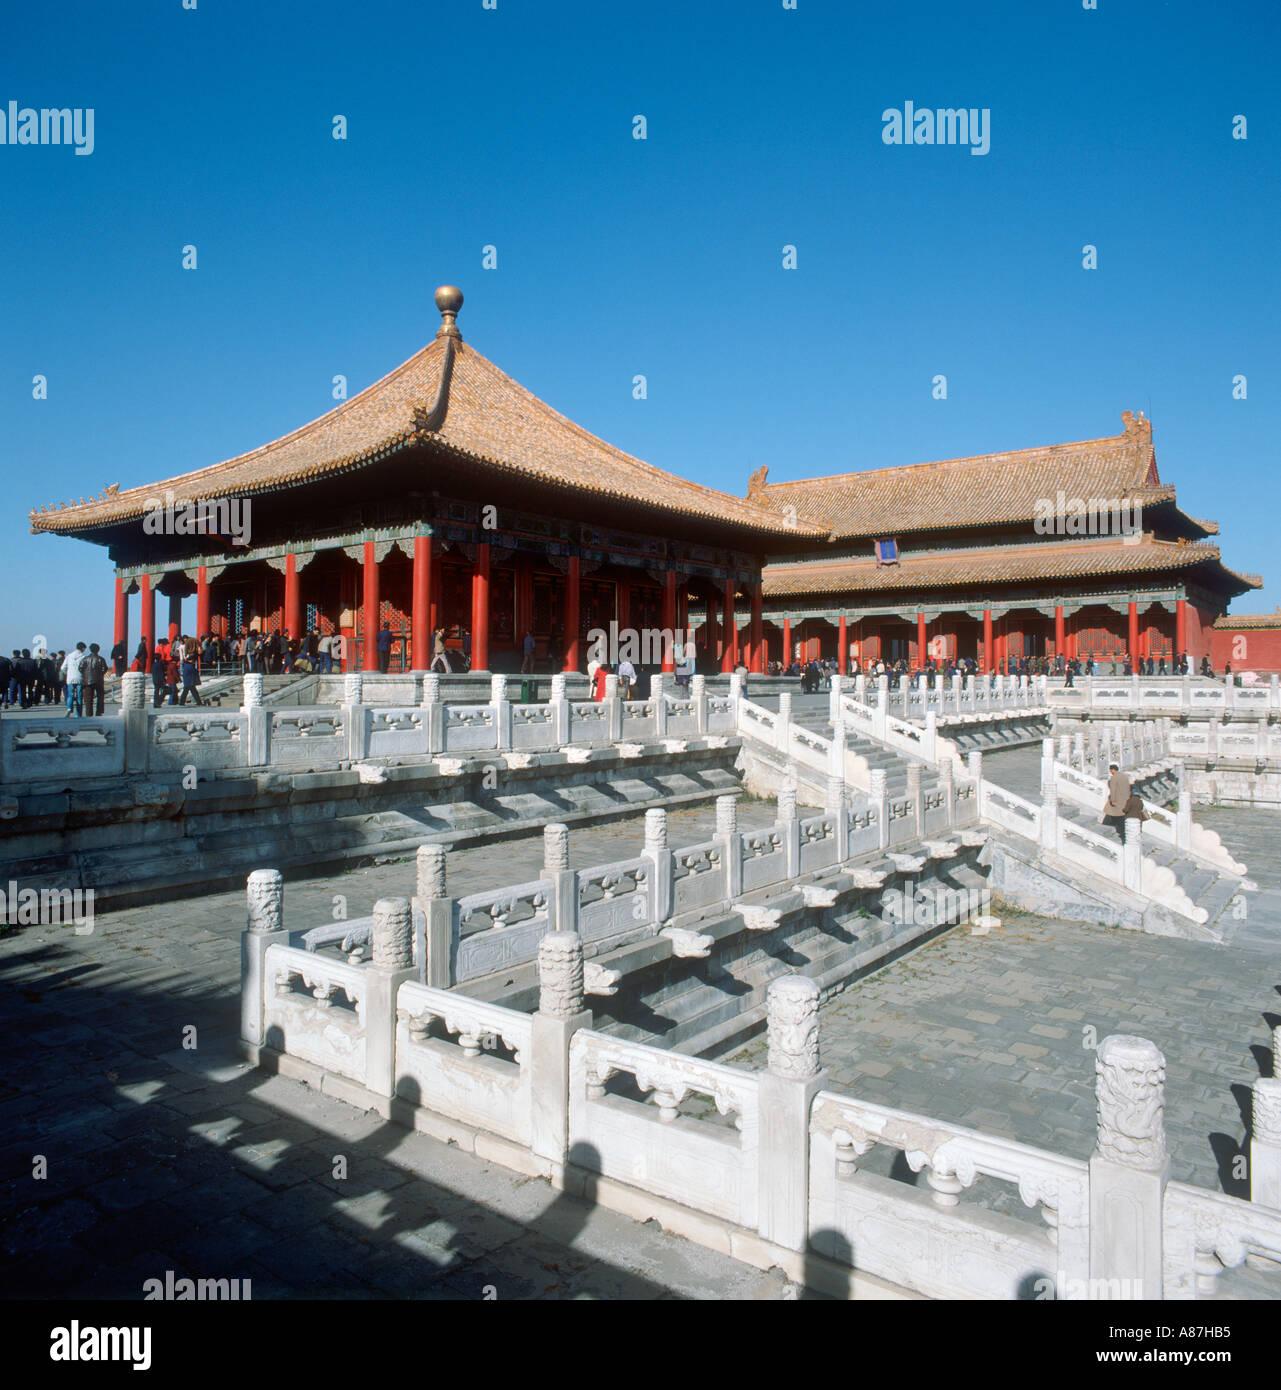 Bao él Dian Hall, el Palacio Imperial, la Ciudad Prohibida, Beijing, China. Adoptadas en 1987. Foto de stock